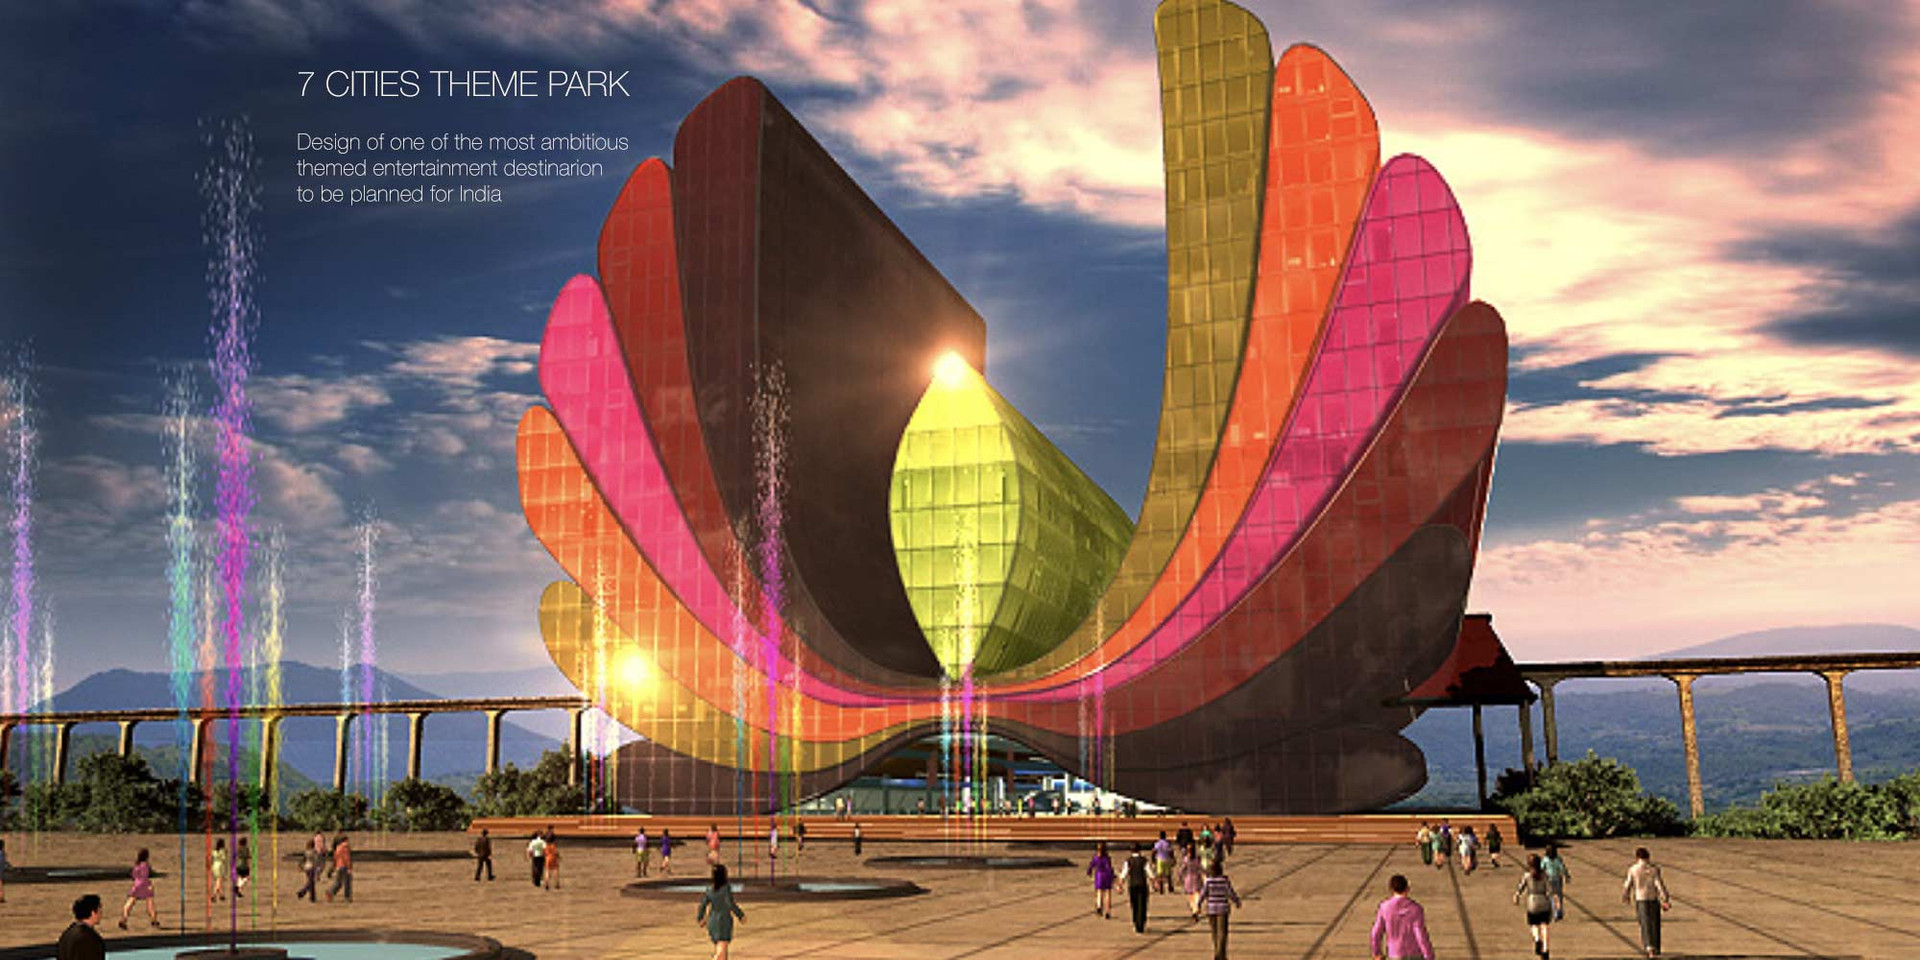 Seven Cities Theme Park